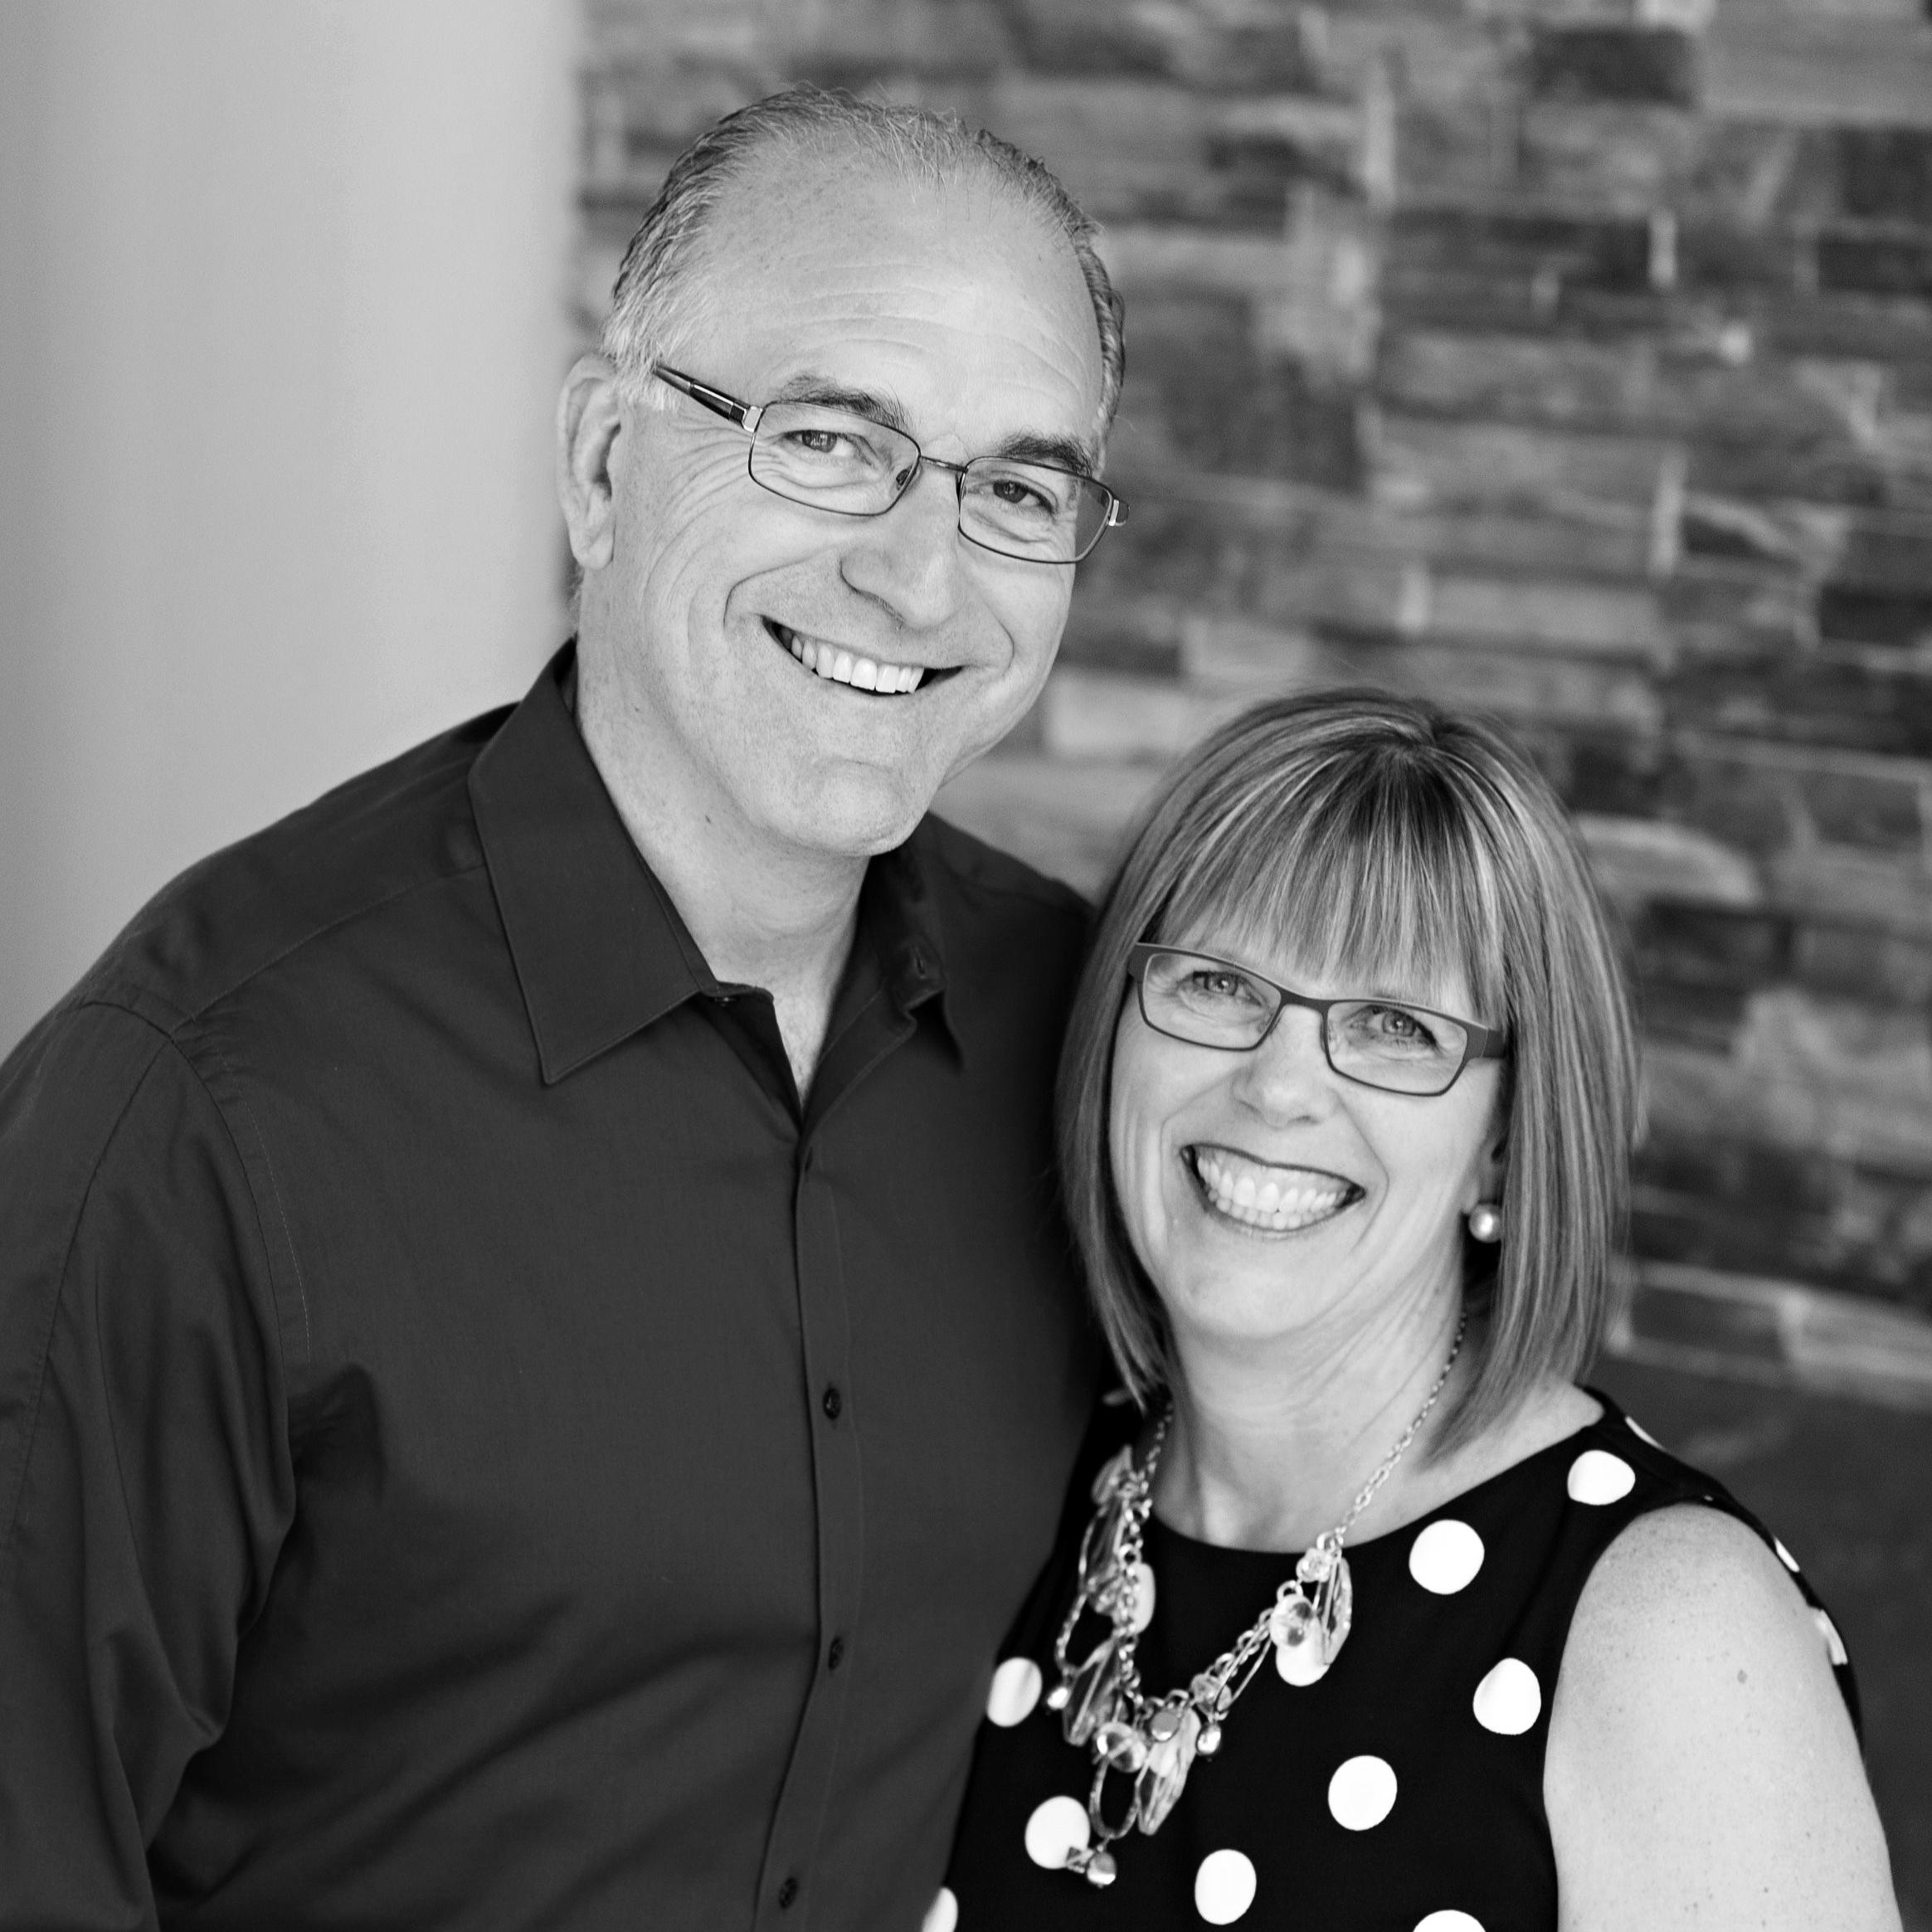 Steve & Beth Fleming - Founding Pastors